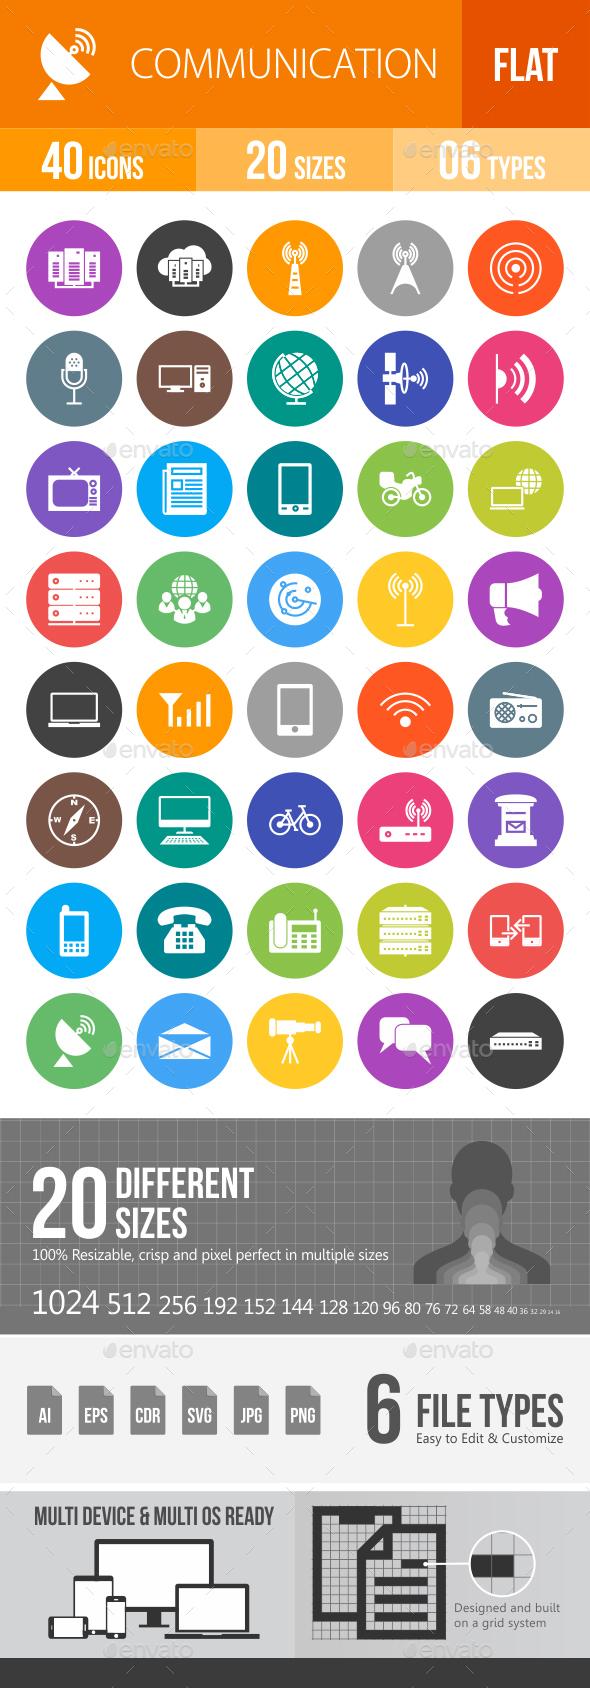 Communication Flat Round Icons - Icons